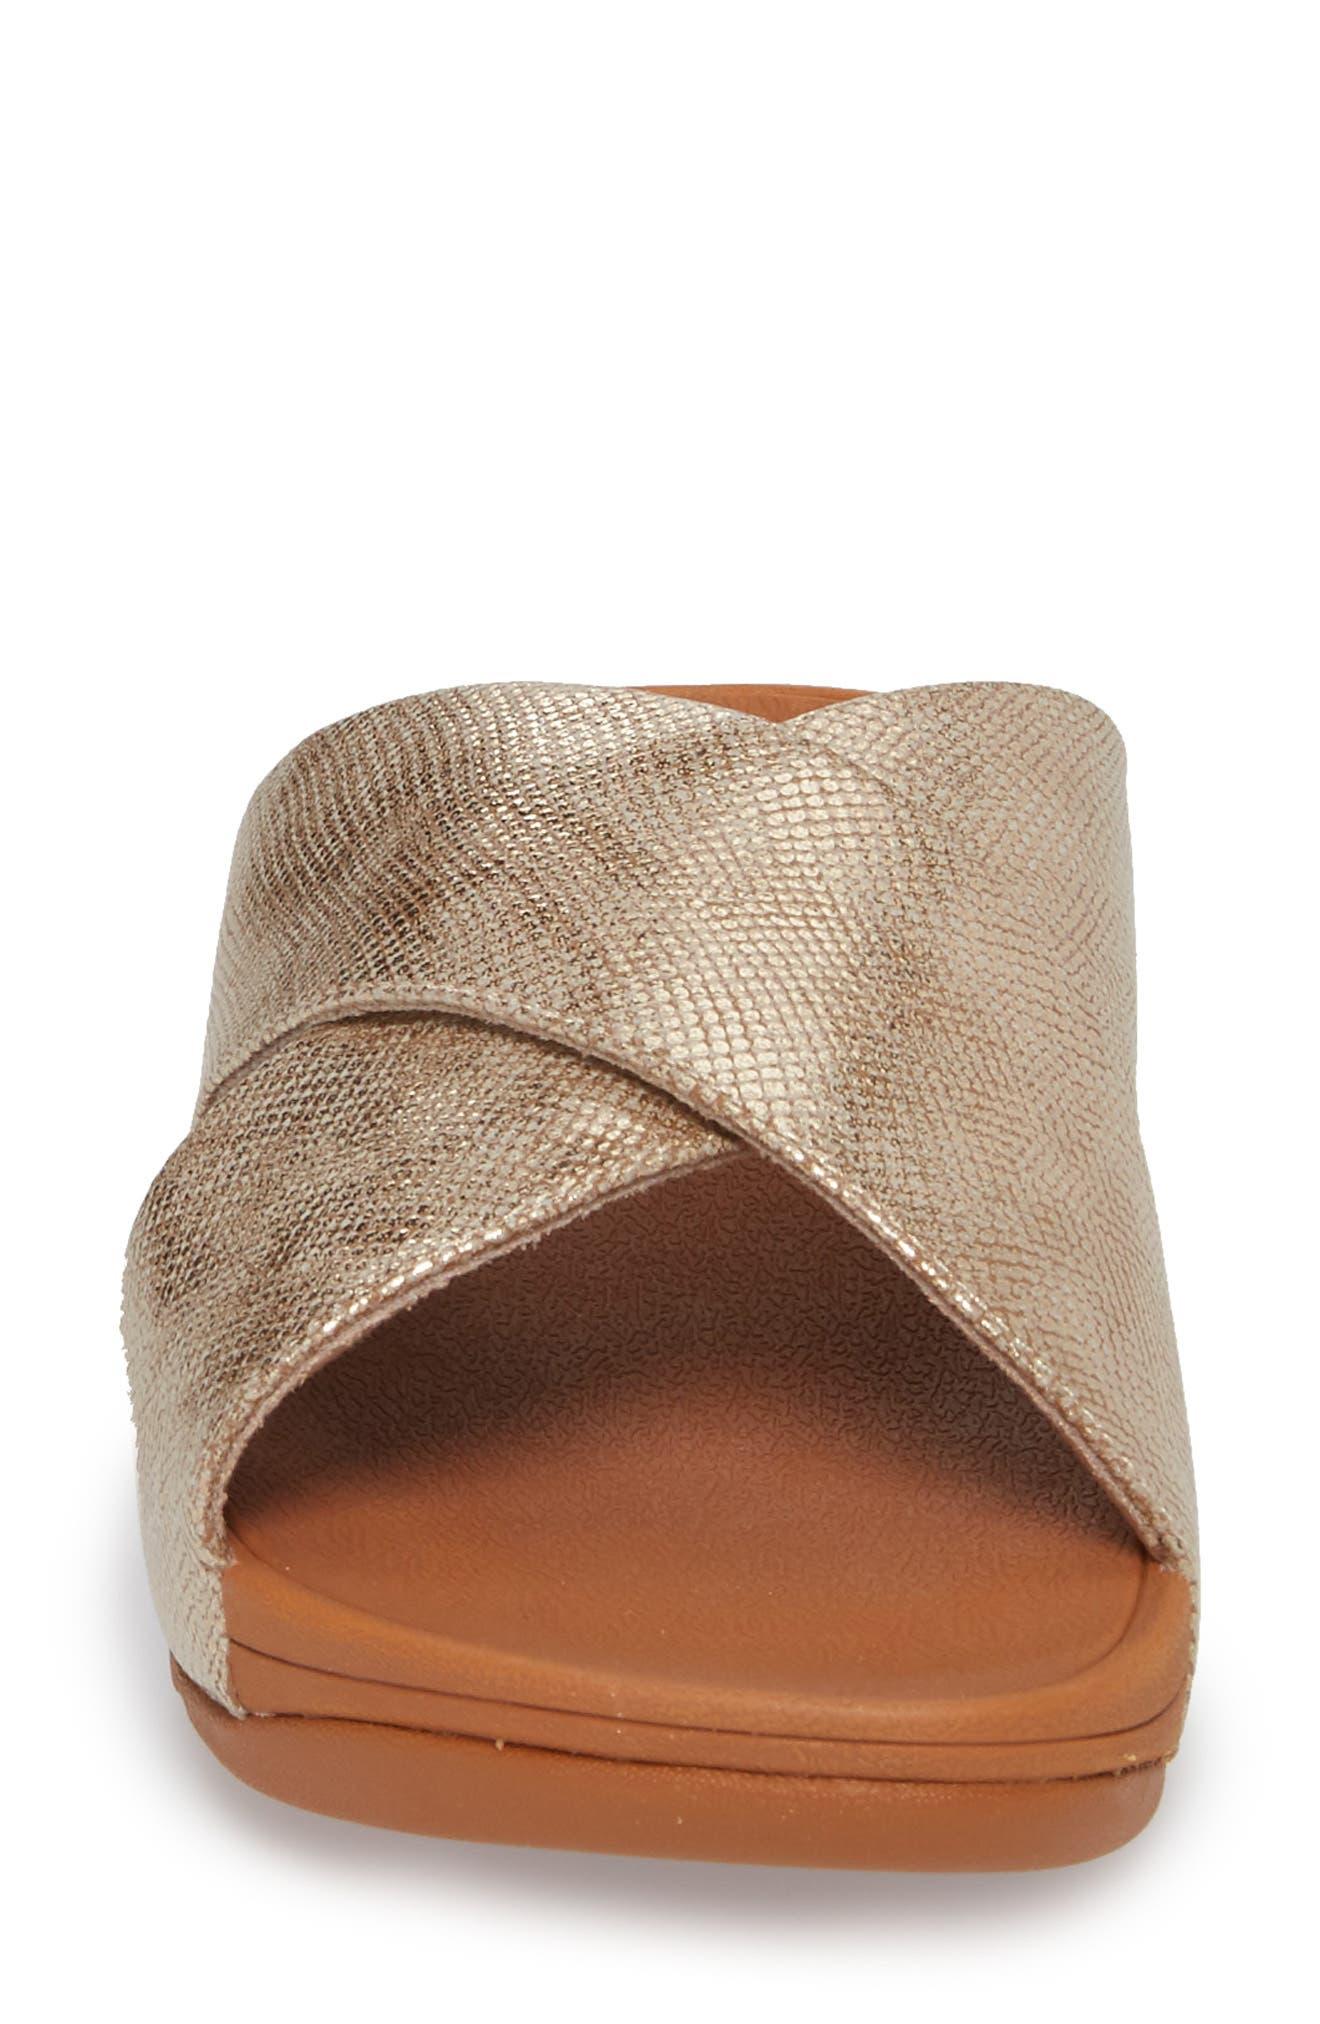 Lulu Cross Slide Sandal,                             Alternate thumbnail 4, color,                             Gold Shimmer Print